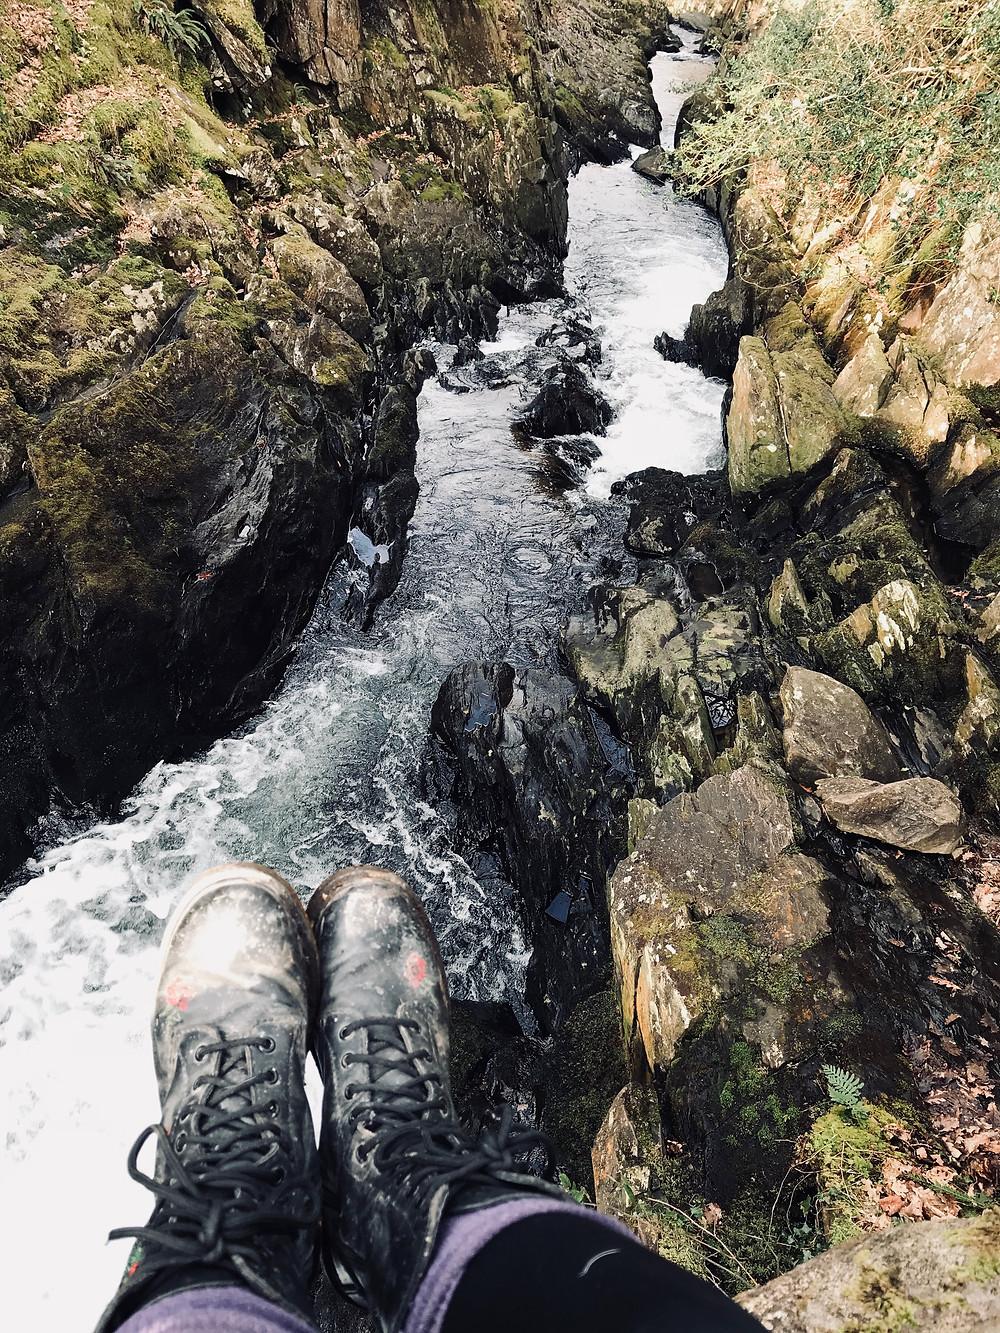 Nantcol Waterfalls, Wales